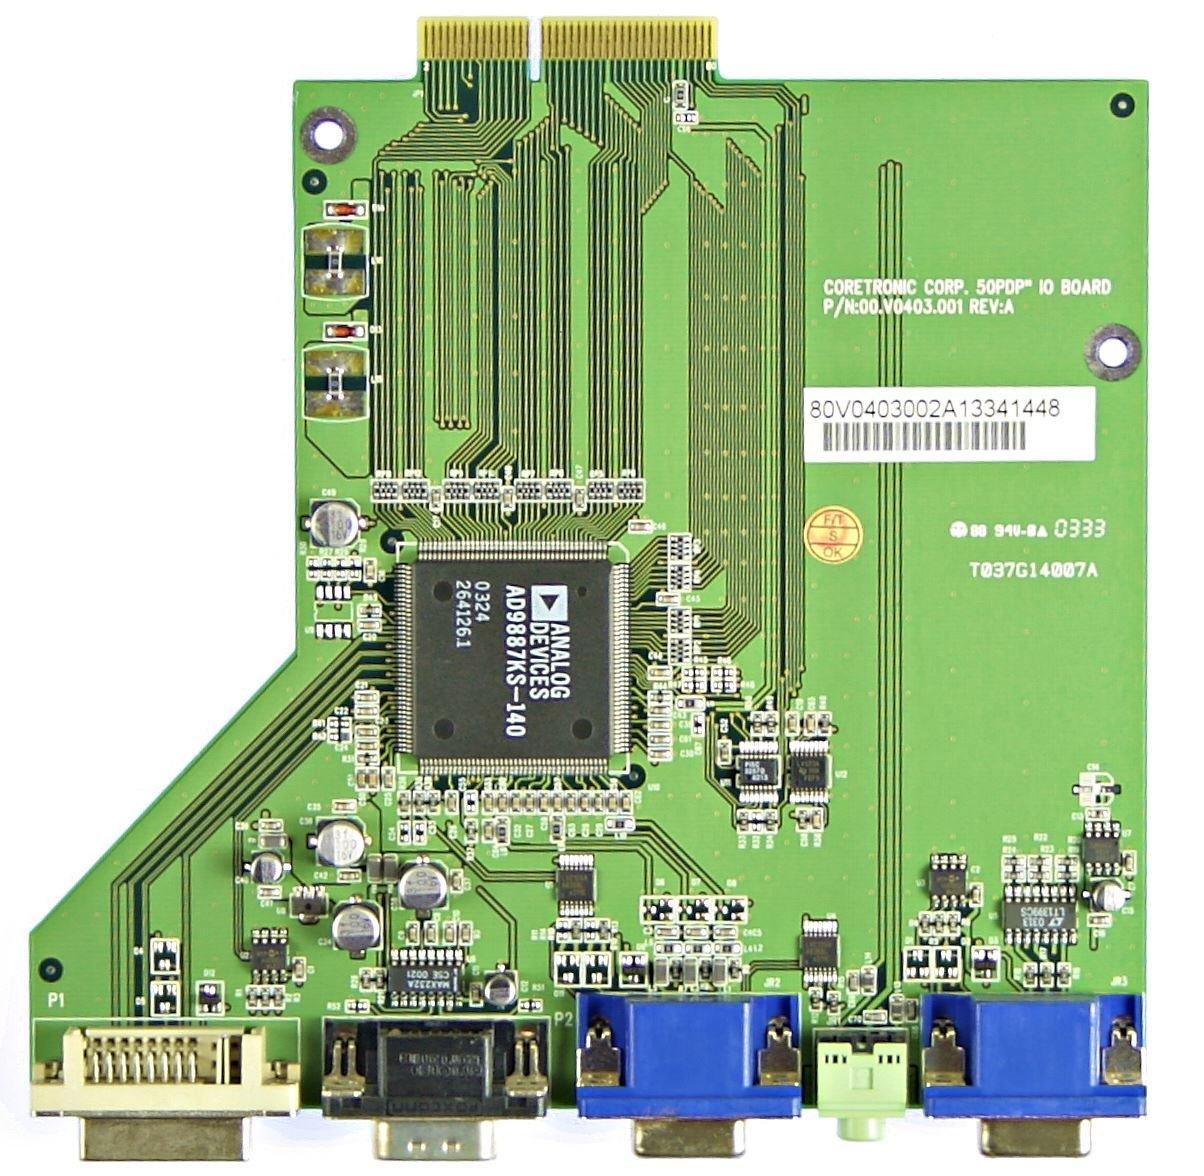 nakamichi 80 v0403 002a main unit input signal board 00 v0403 001 rh amazon ca